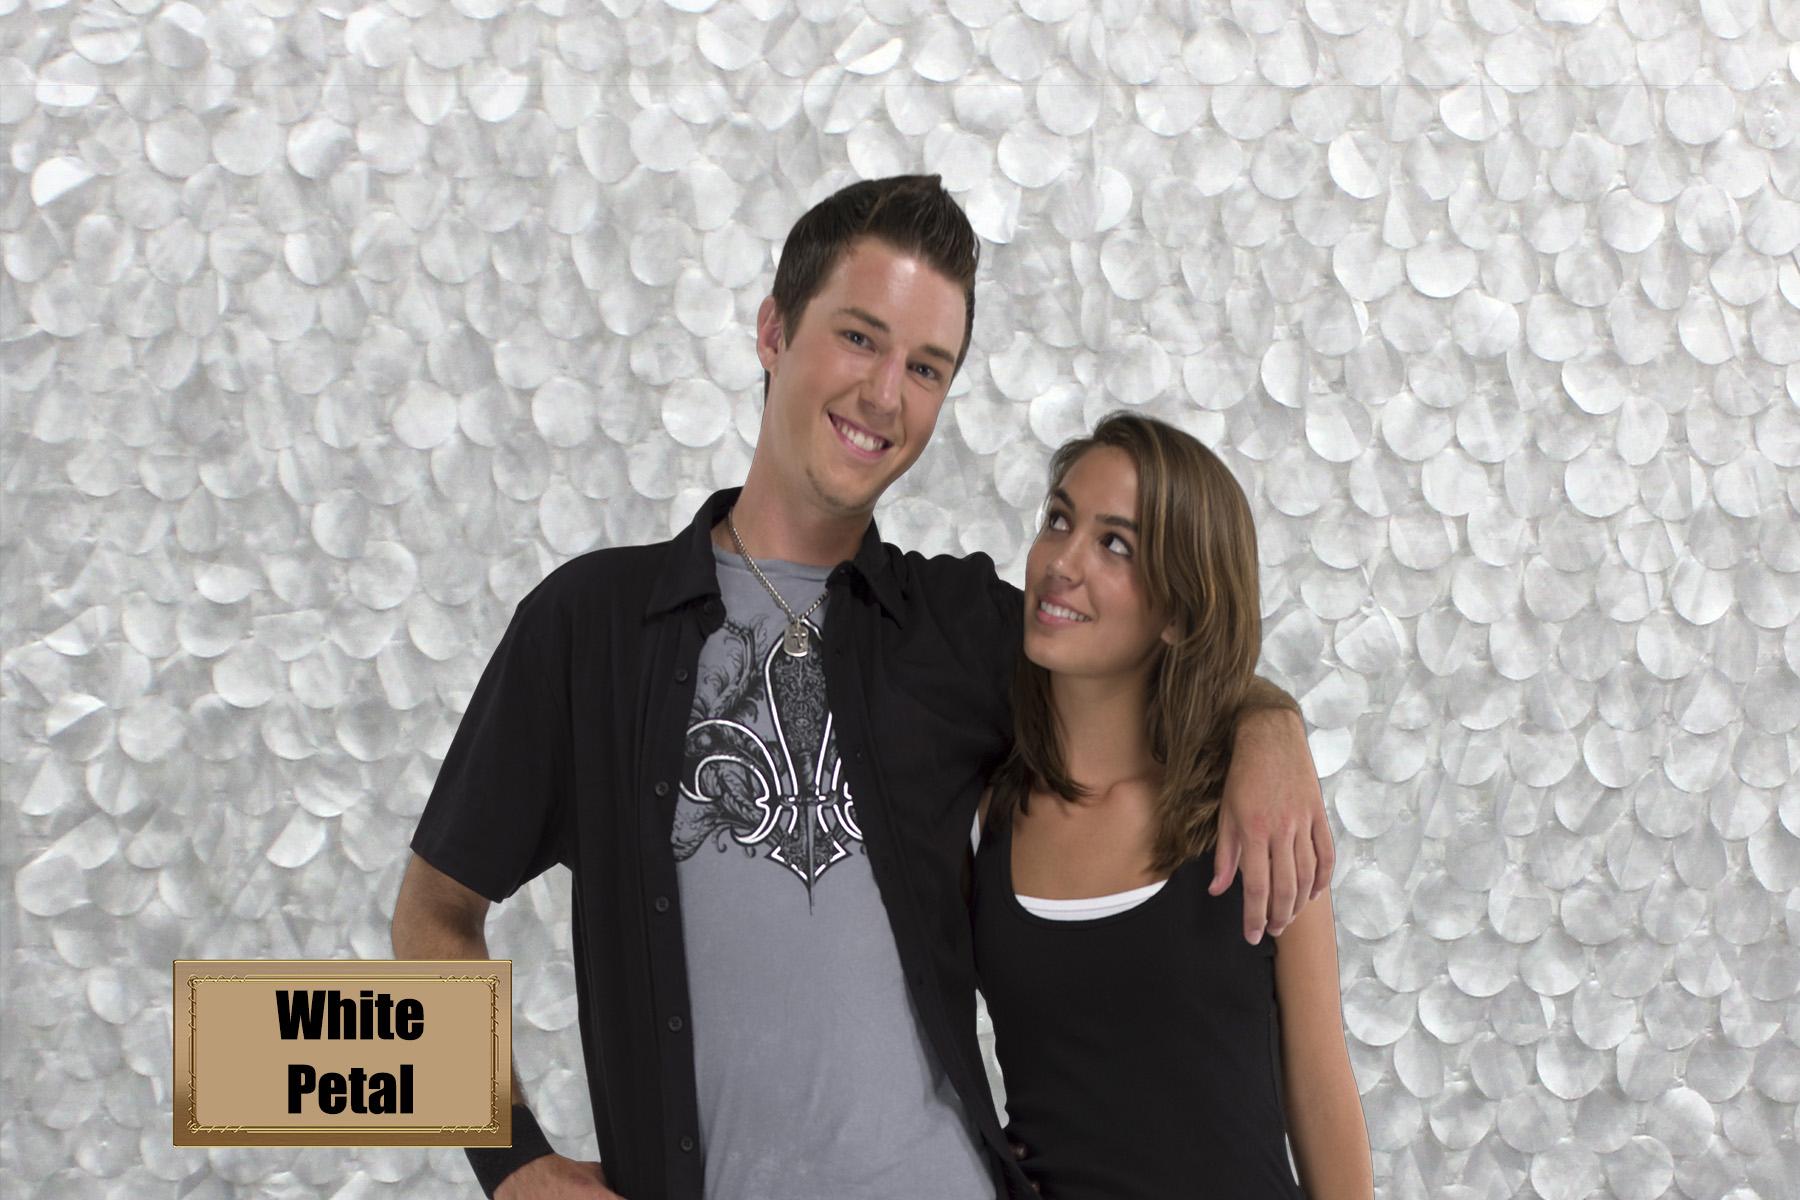 White Petal.jpg